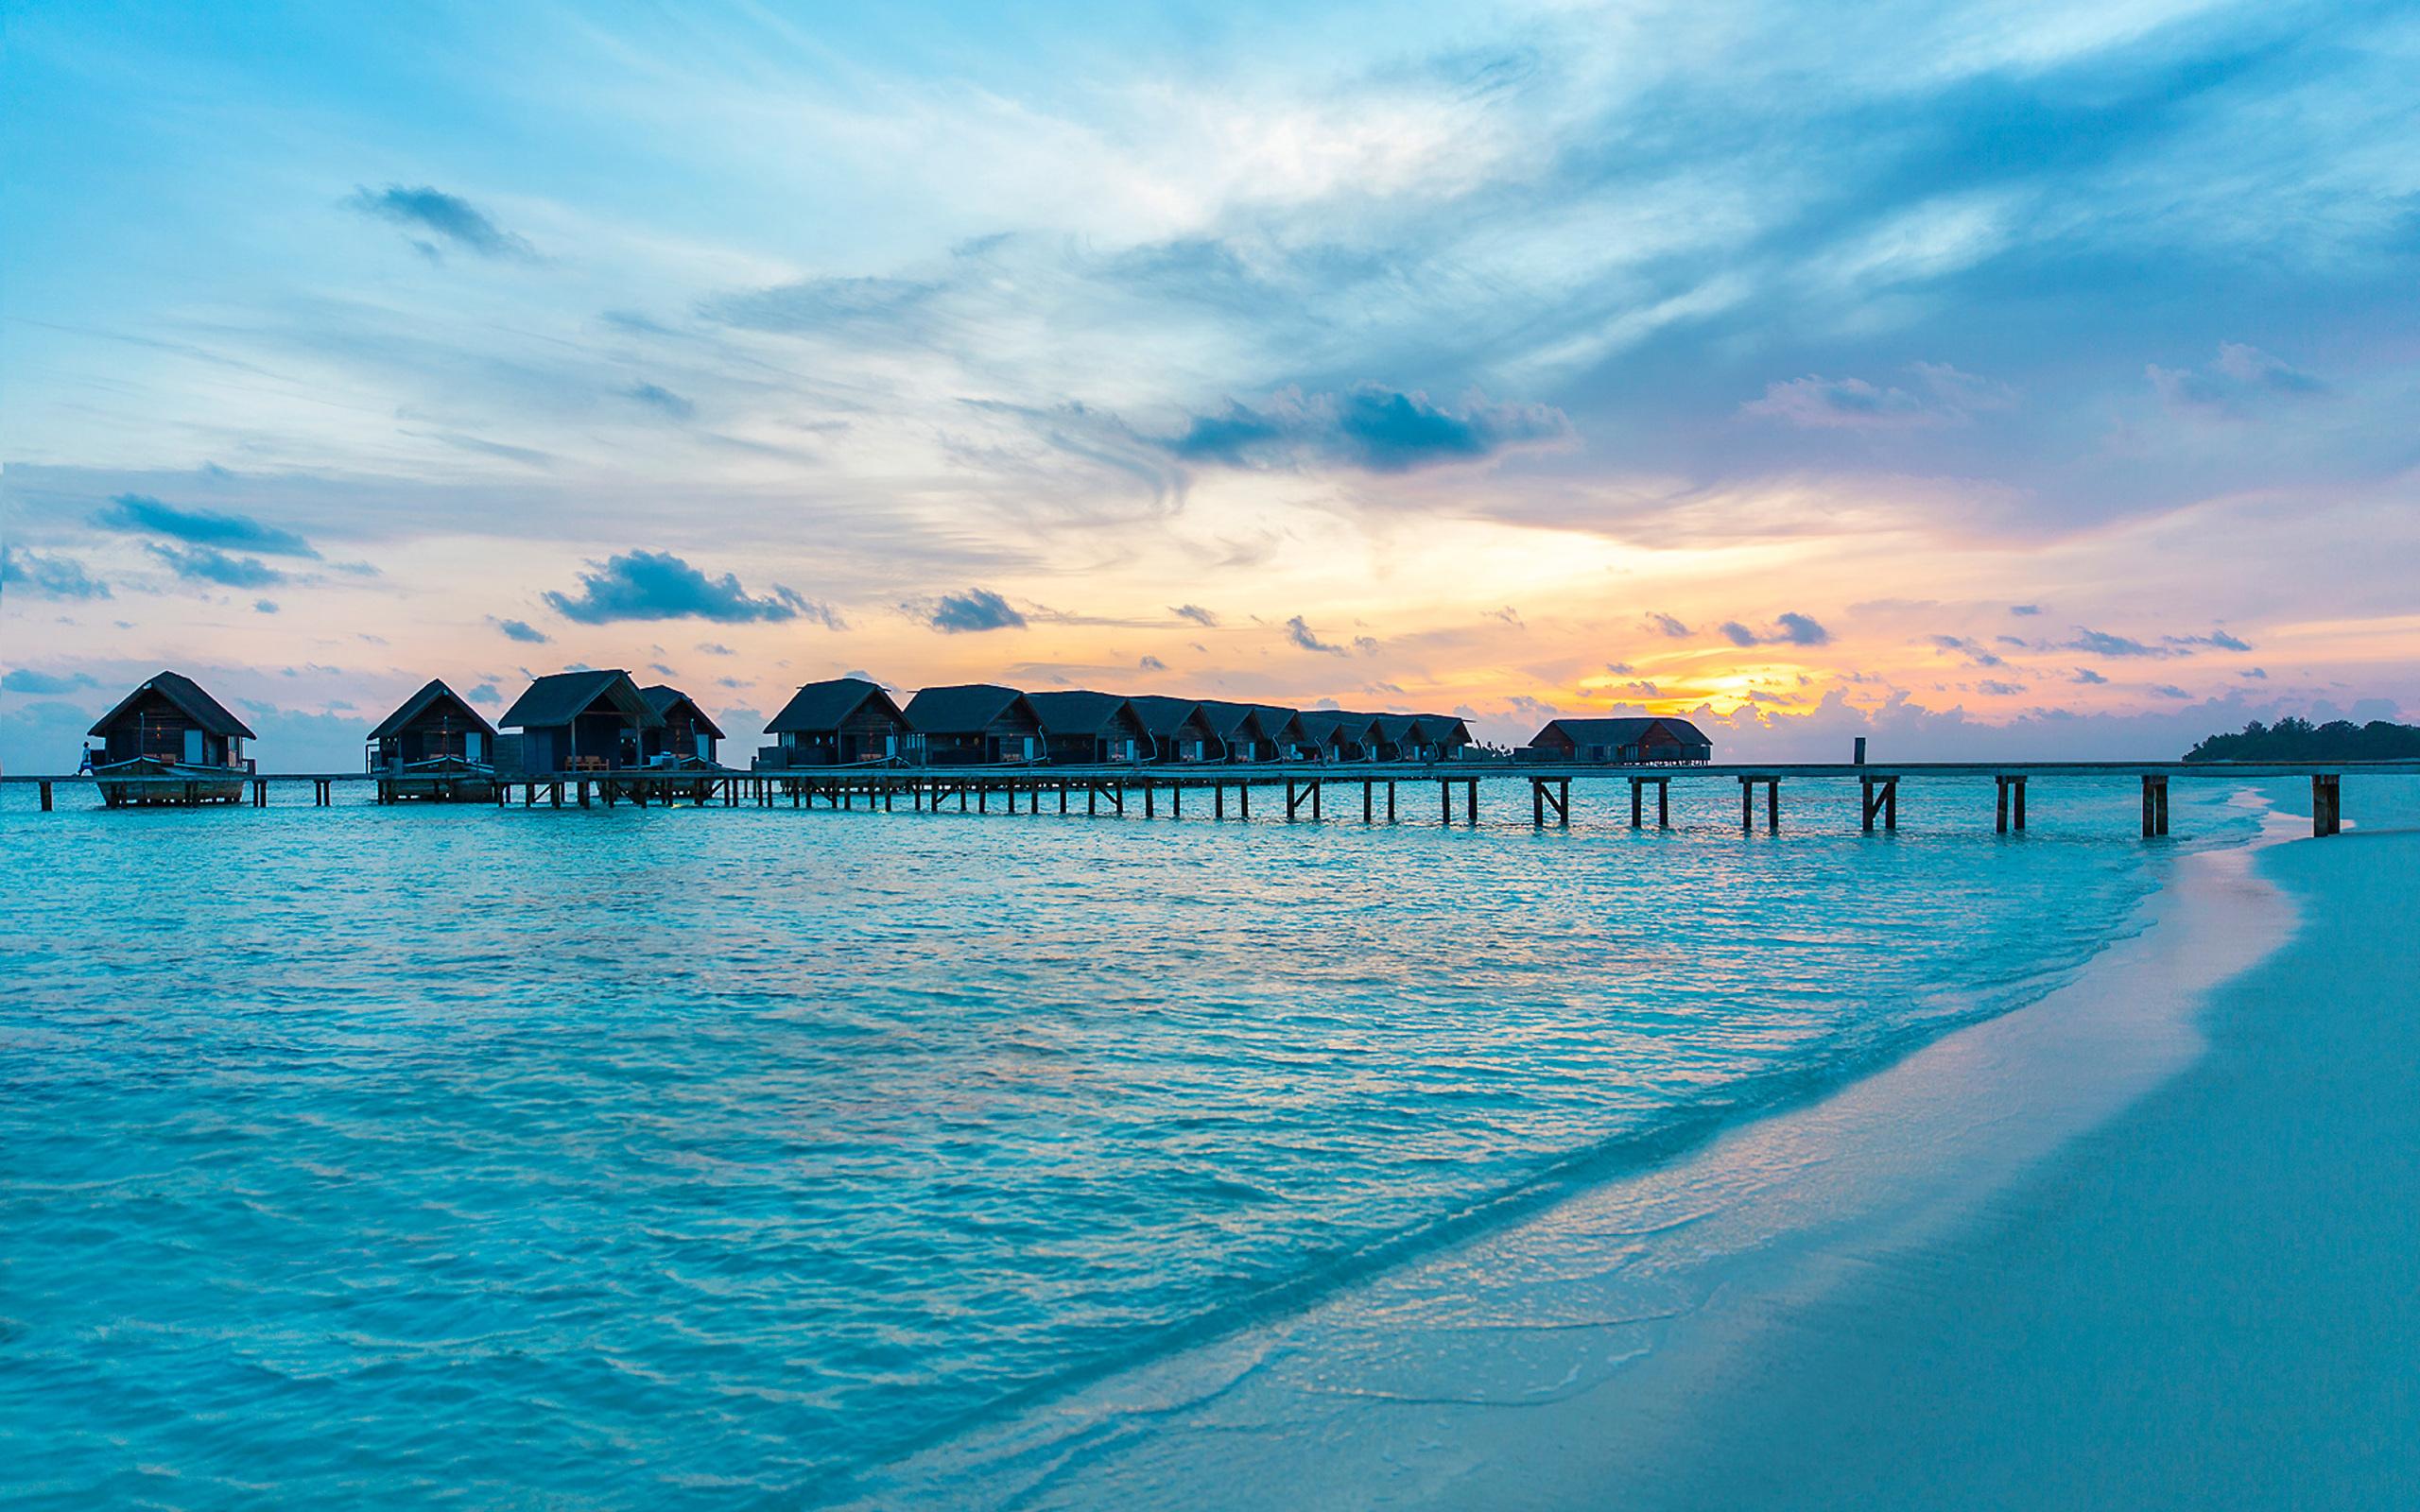 maldives-resorts-huts-over-water-22.jpg